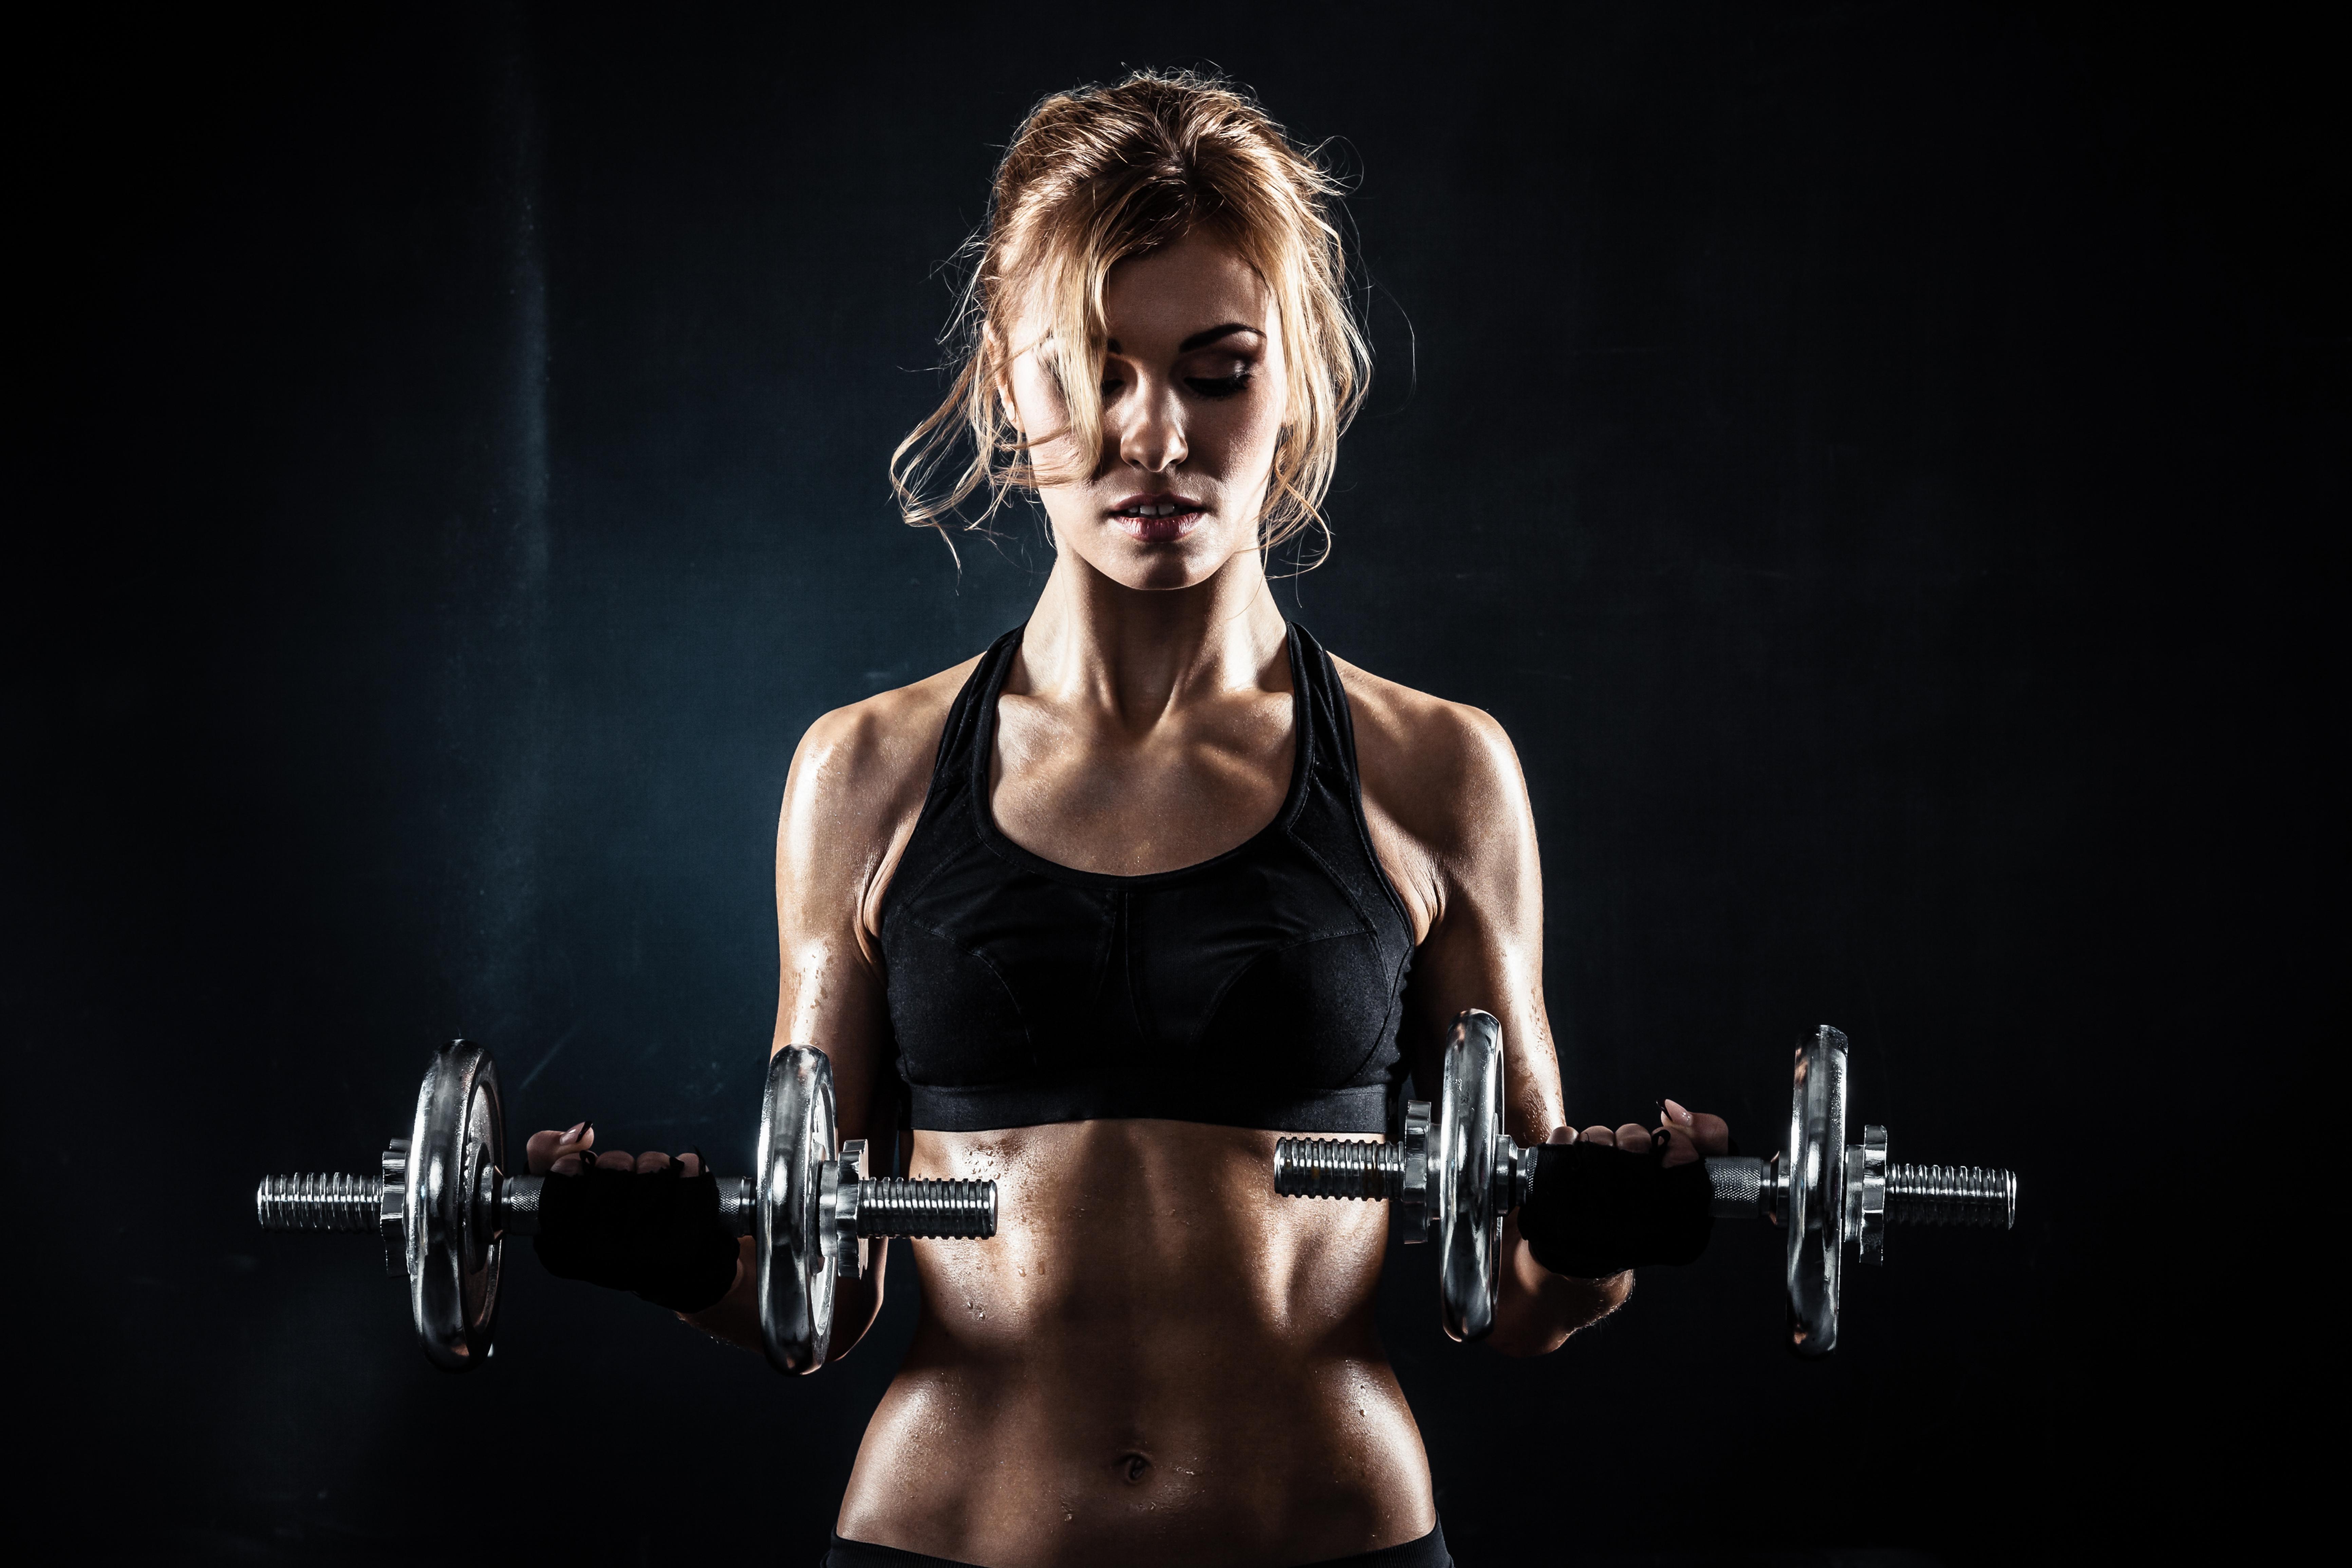 Фитнес девушки картинки на рабочий стол